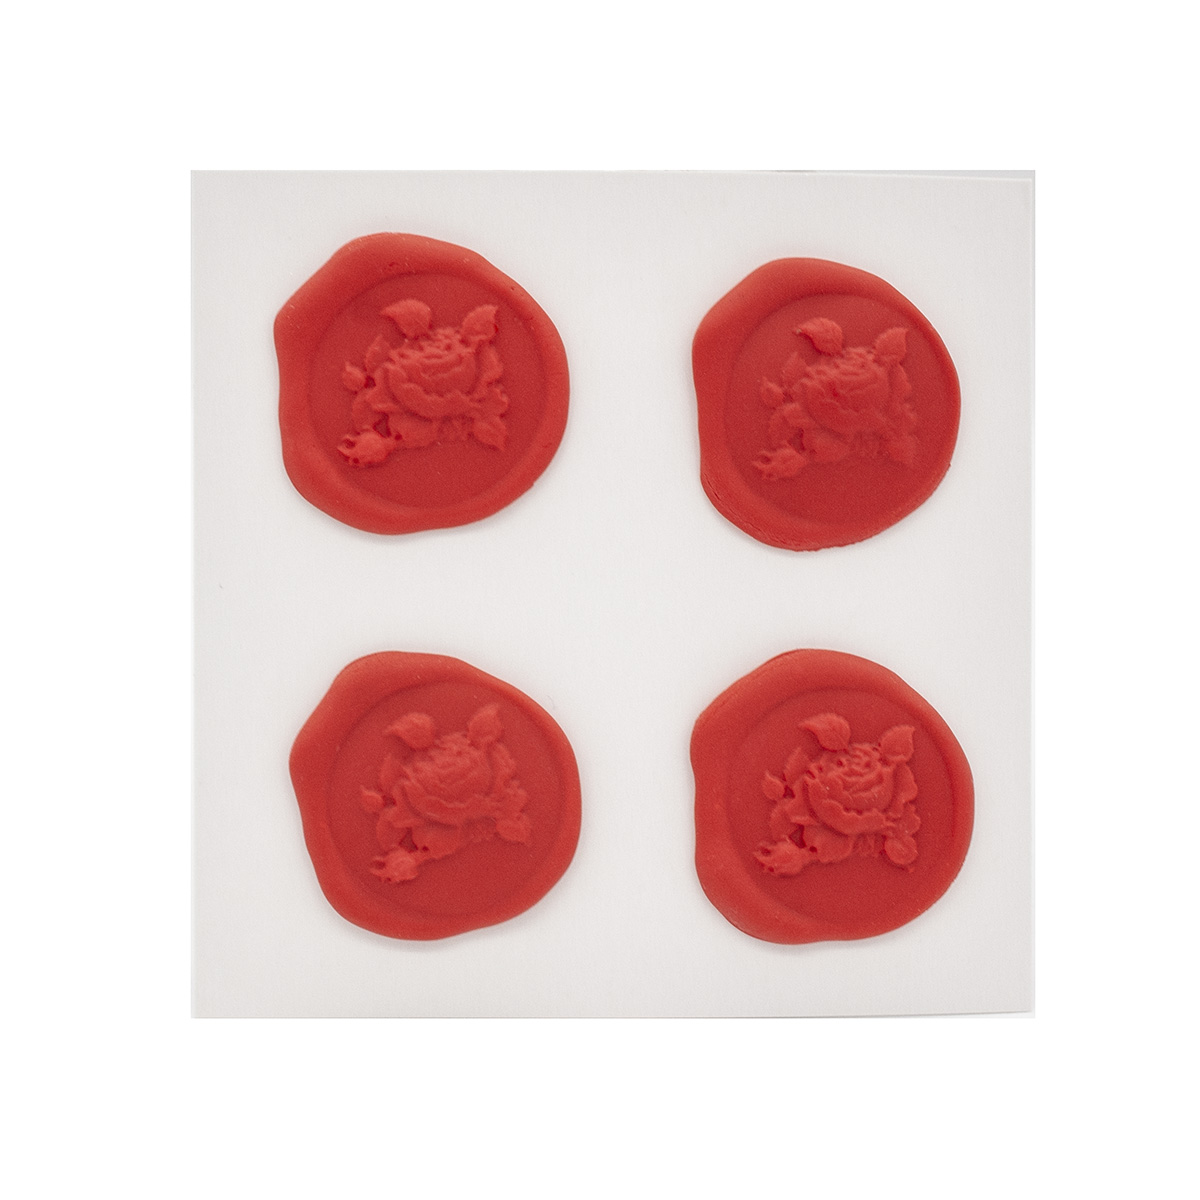 Оттиски печатей из полимерной глины 'Роза' 30*35мм,